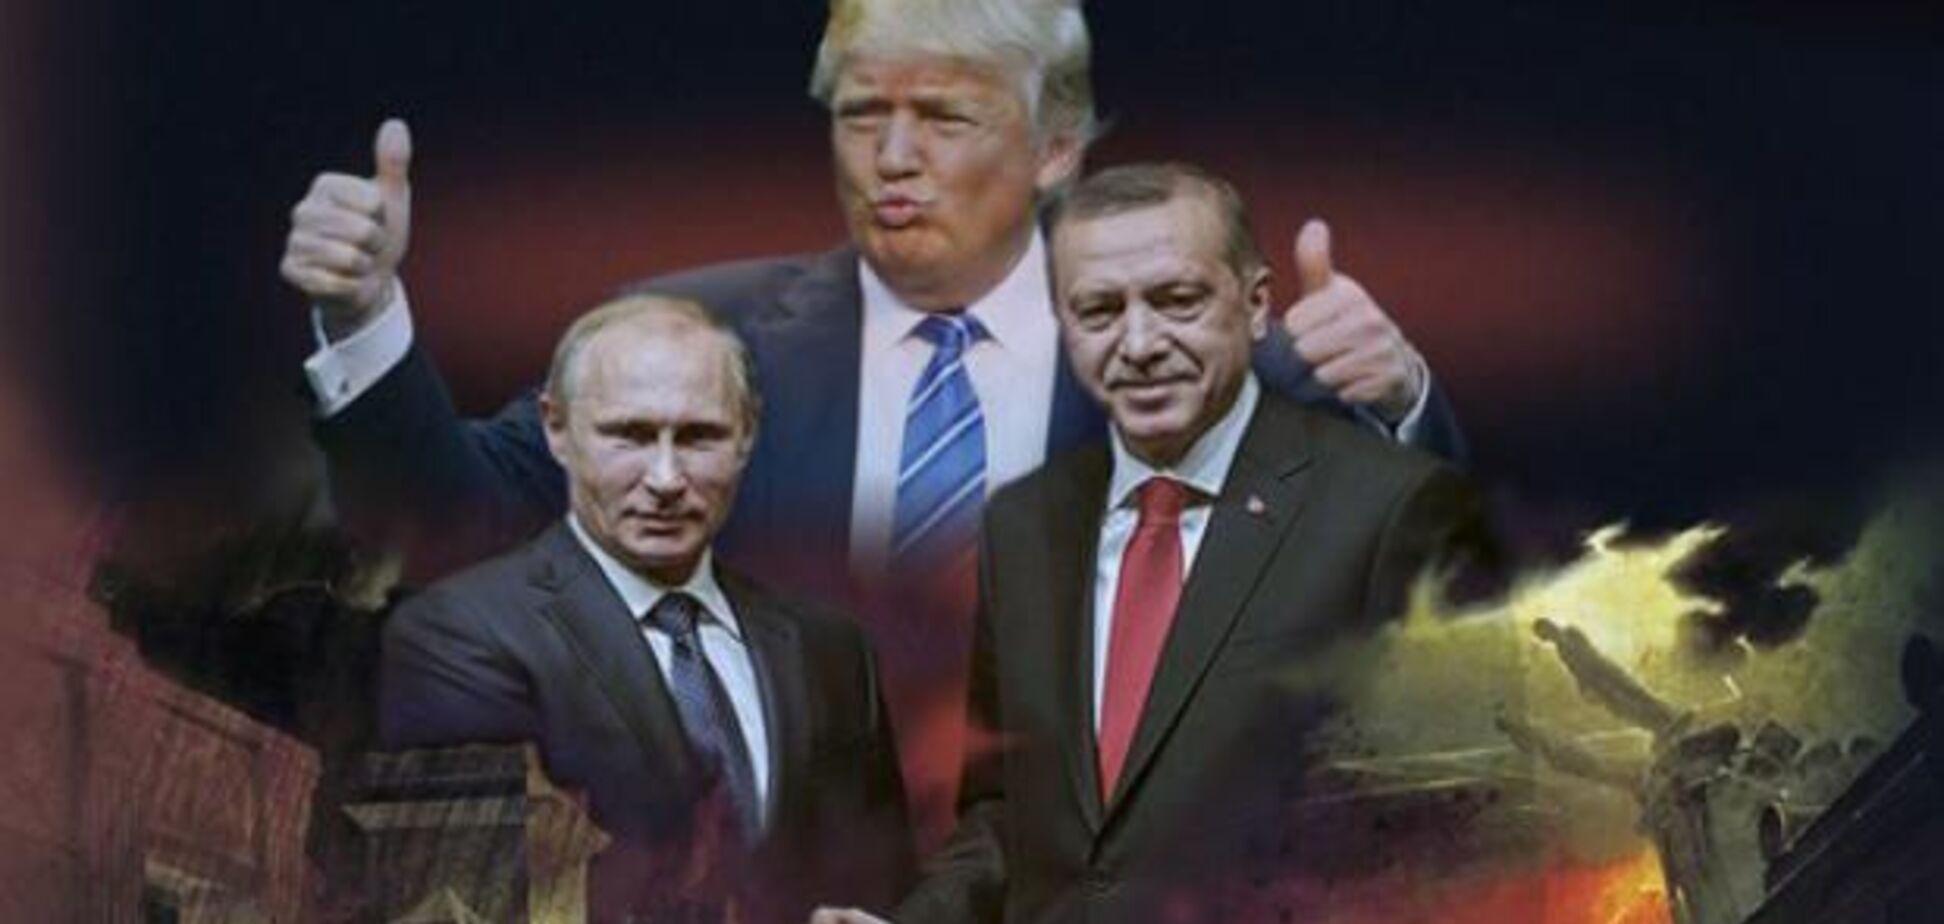 Эрдоган добился больших успехов за счет Путина